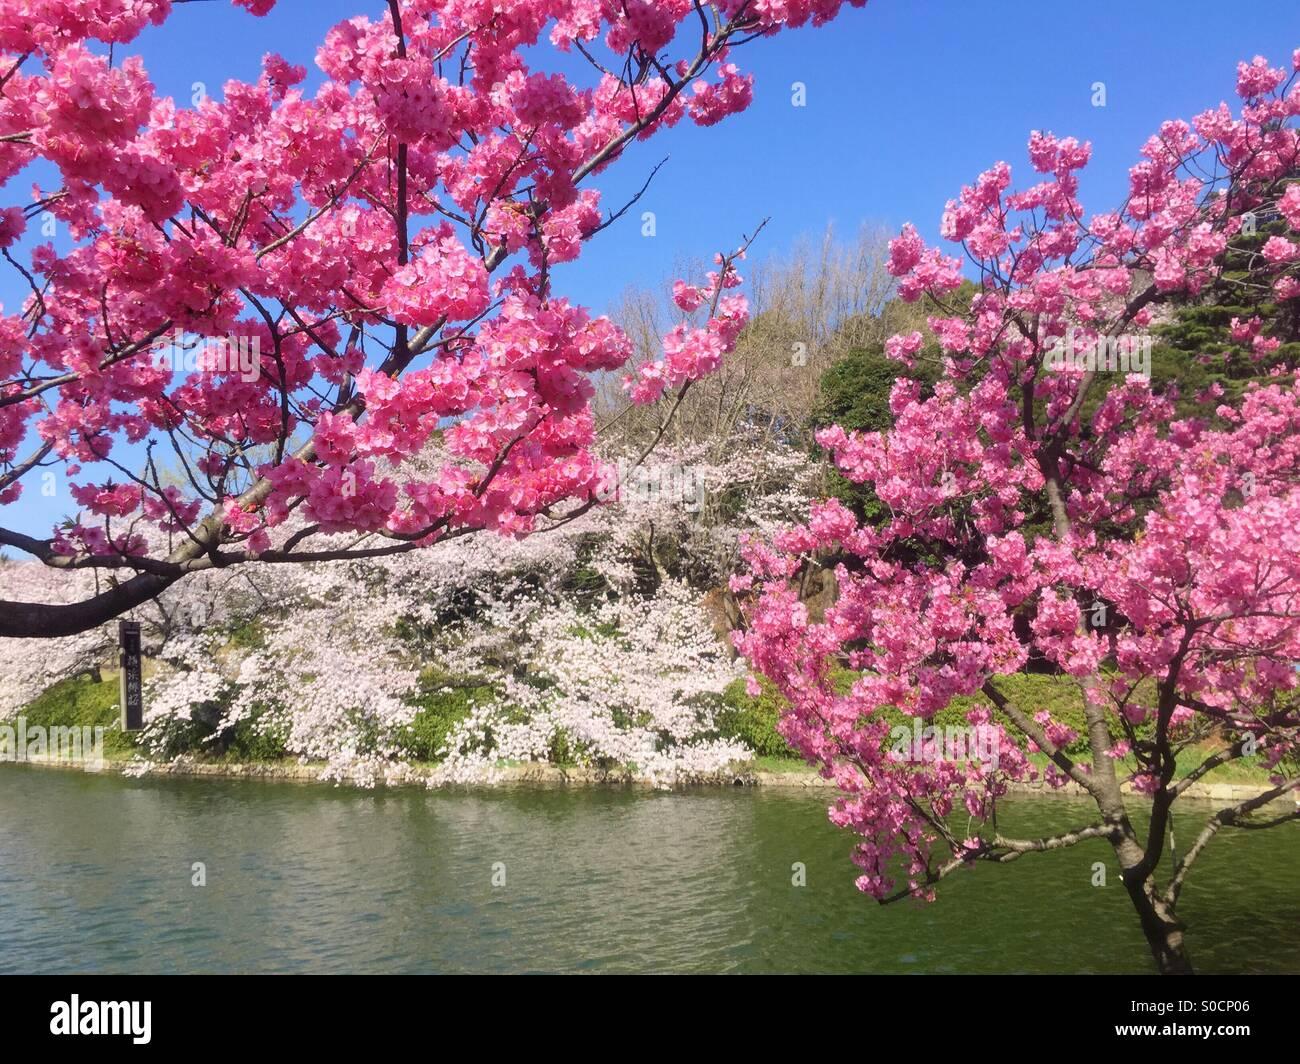 Pond with Yokohamahizakura, a variety of sakura or cherry blossom with deep pink color, and Someiyoshino light pink - Stock Image